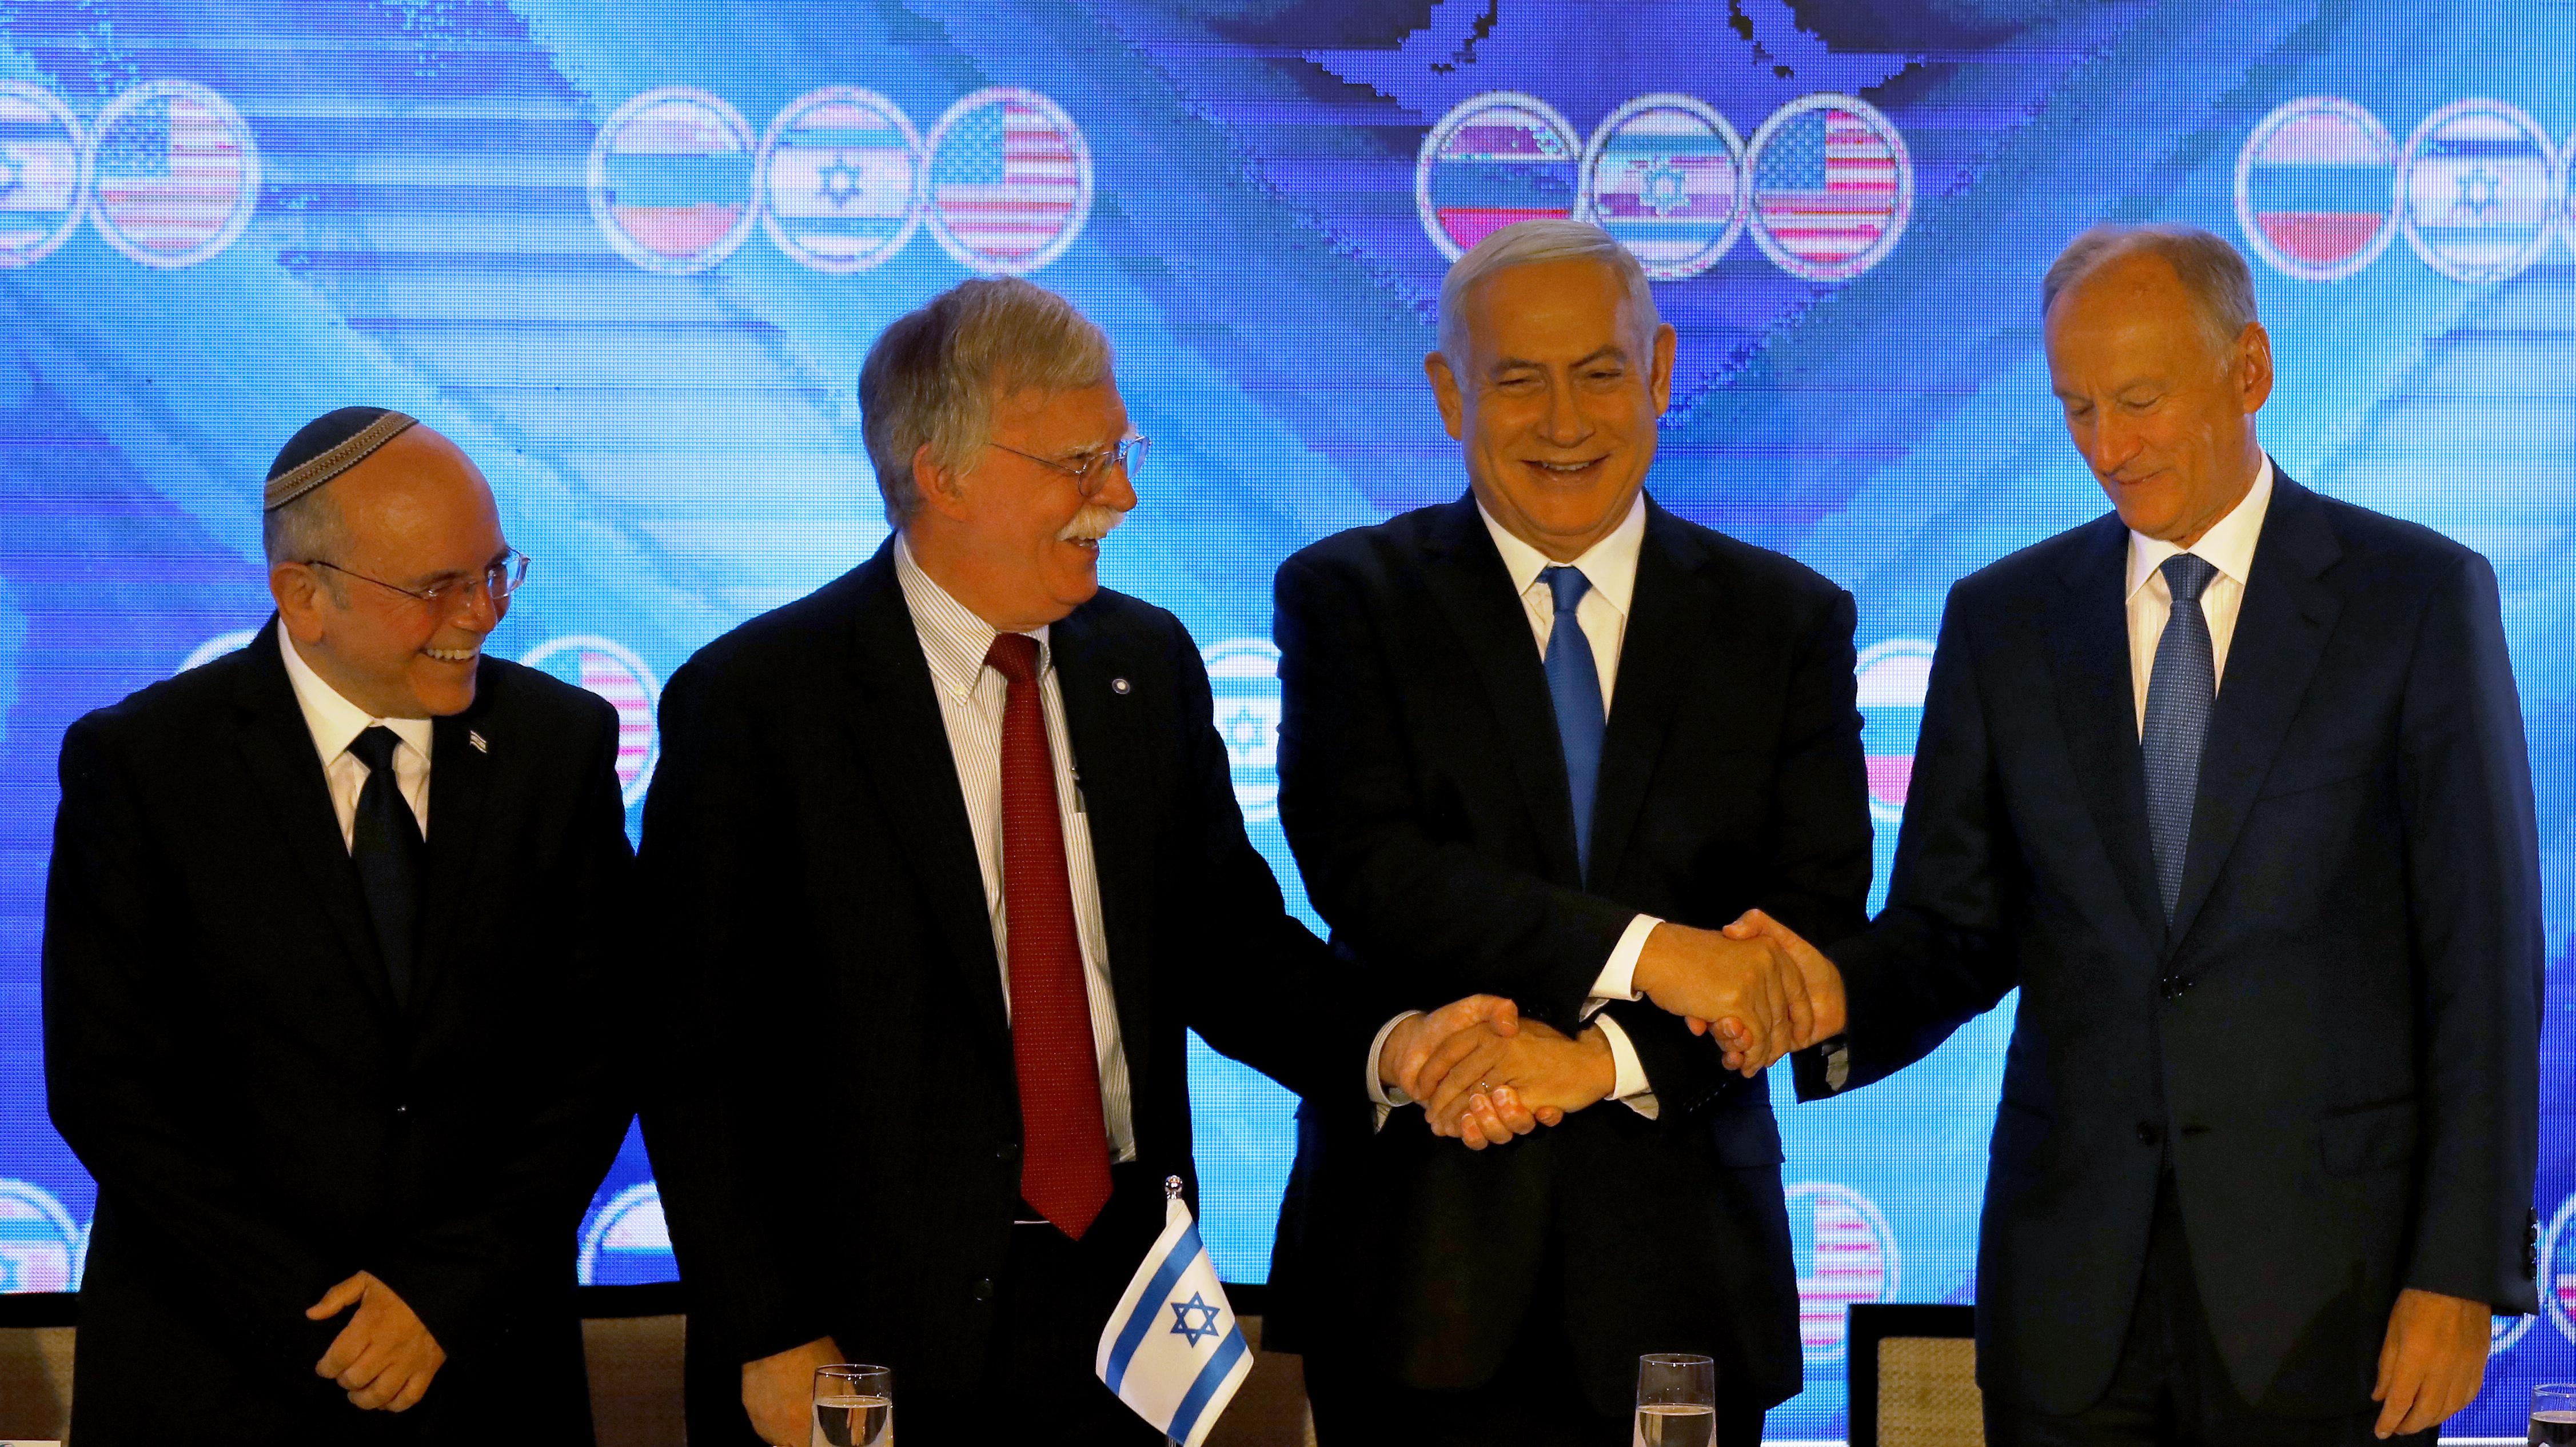 بولتون خلال القمة الأمنية الثلاثية في القدس